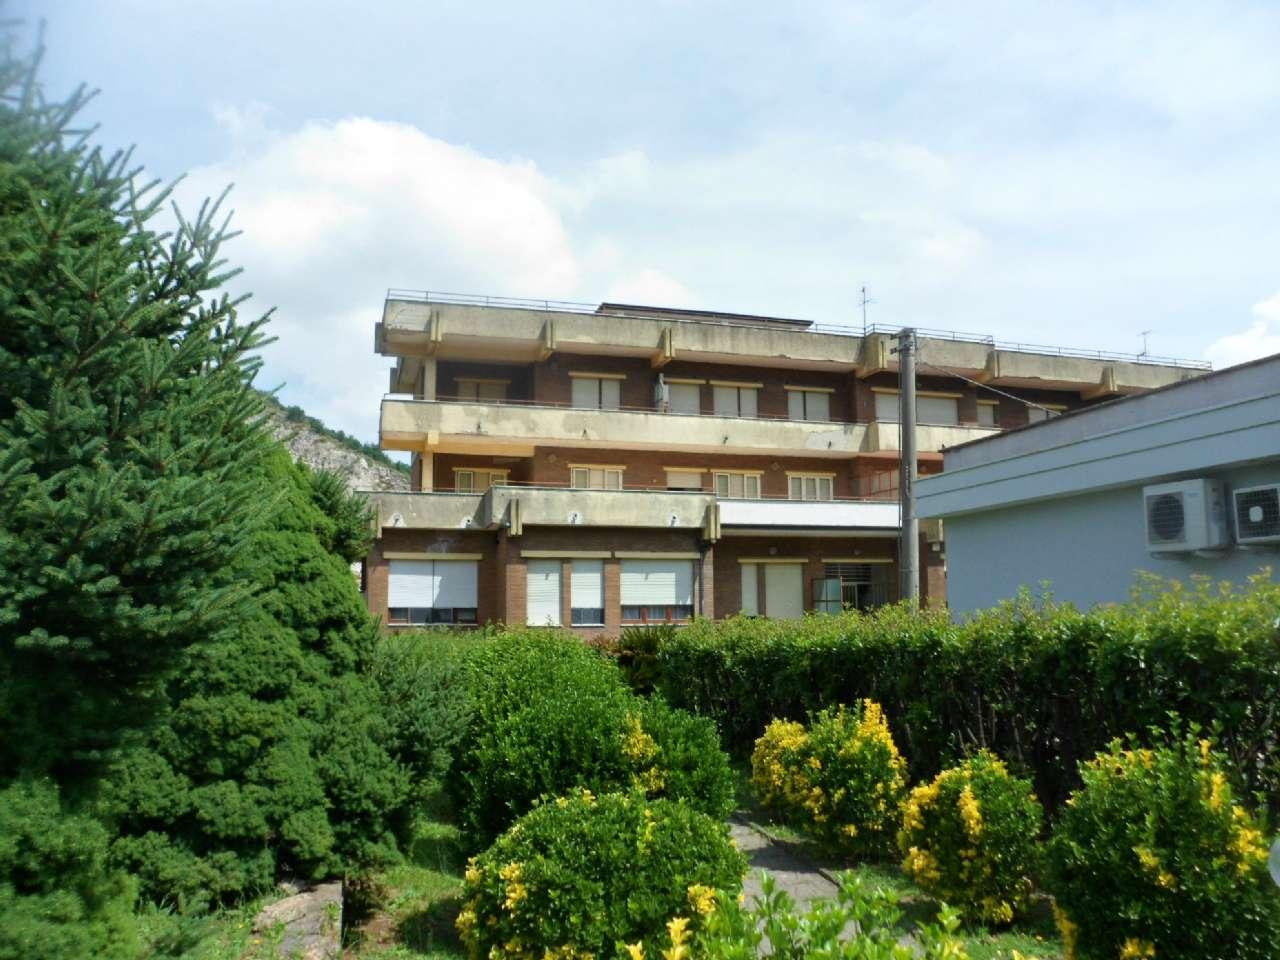 Appartamento in vendita a Arpaia, 4 locali, prezzo € 60.000   CambioCasa.it